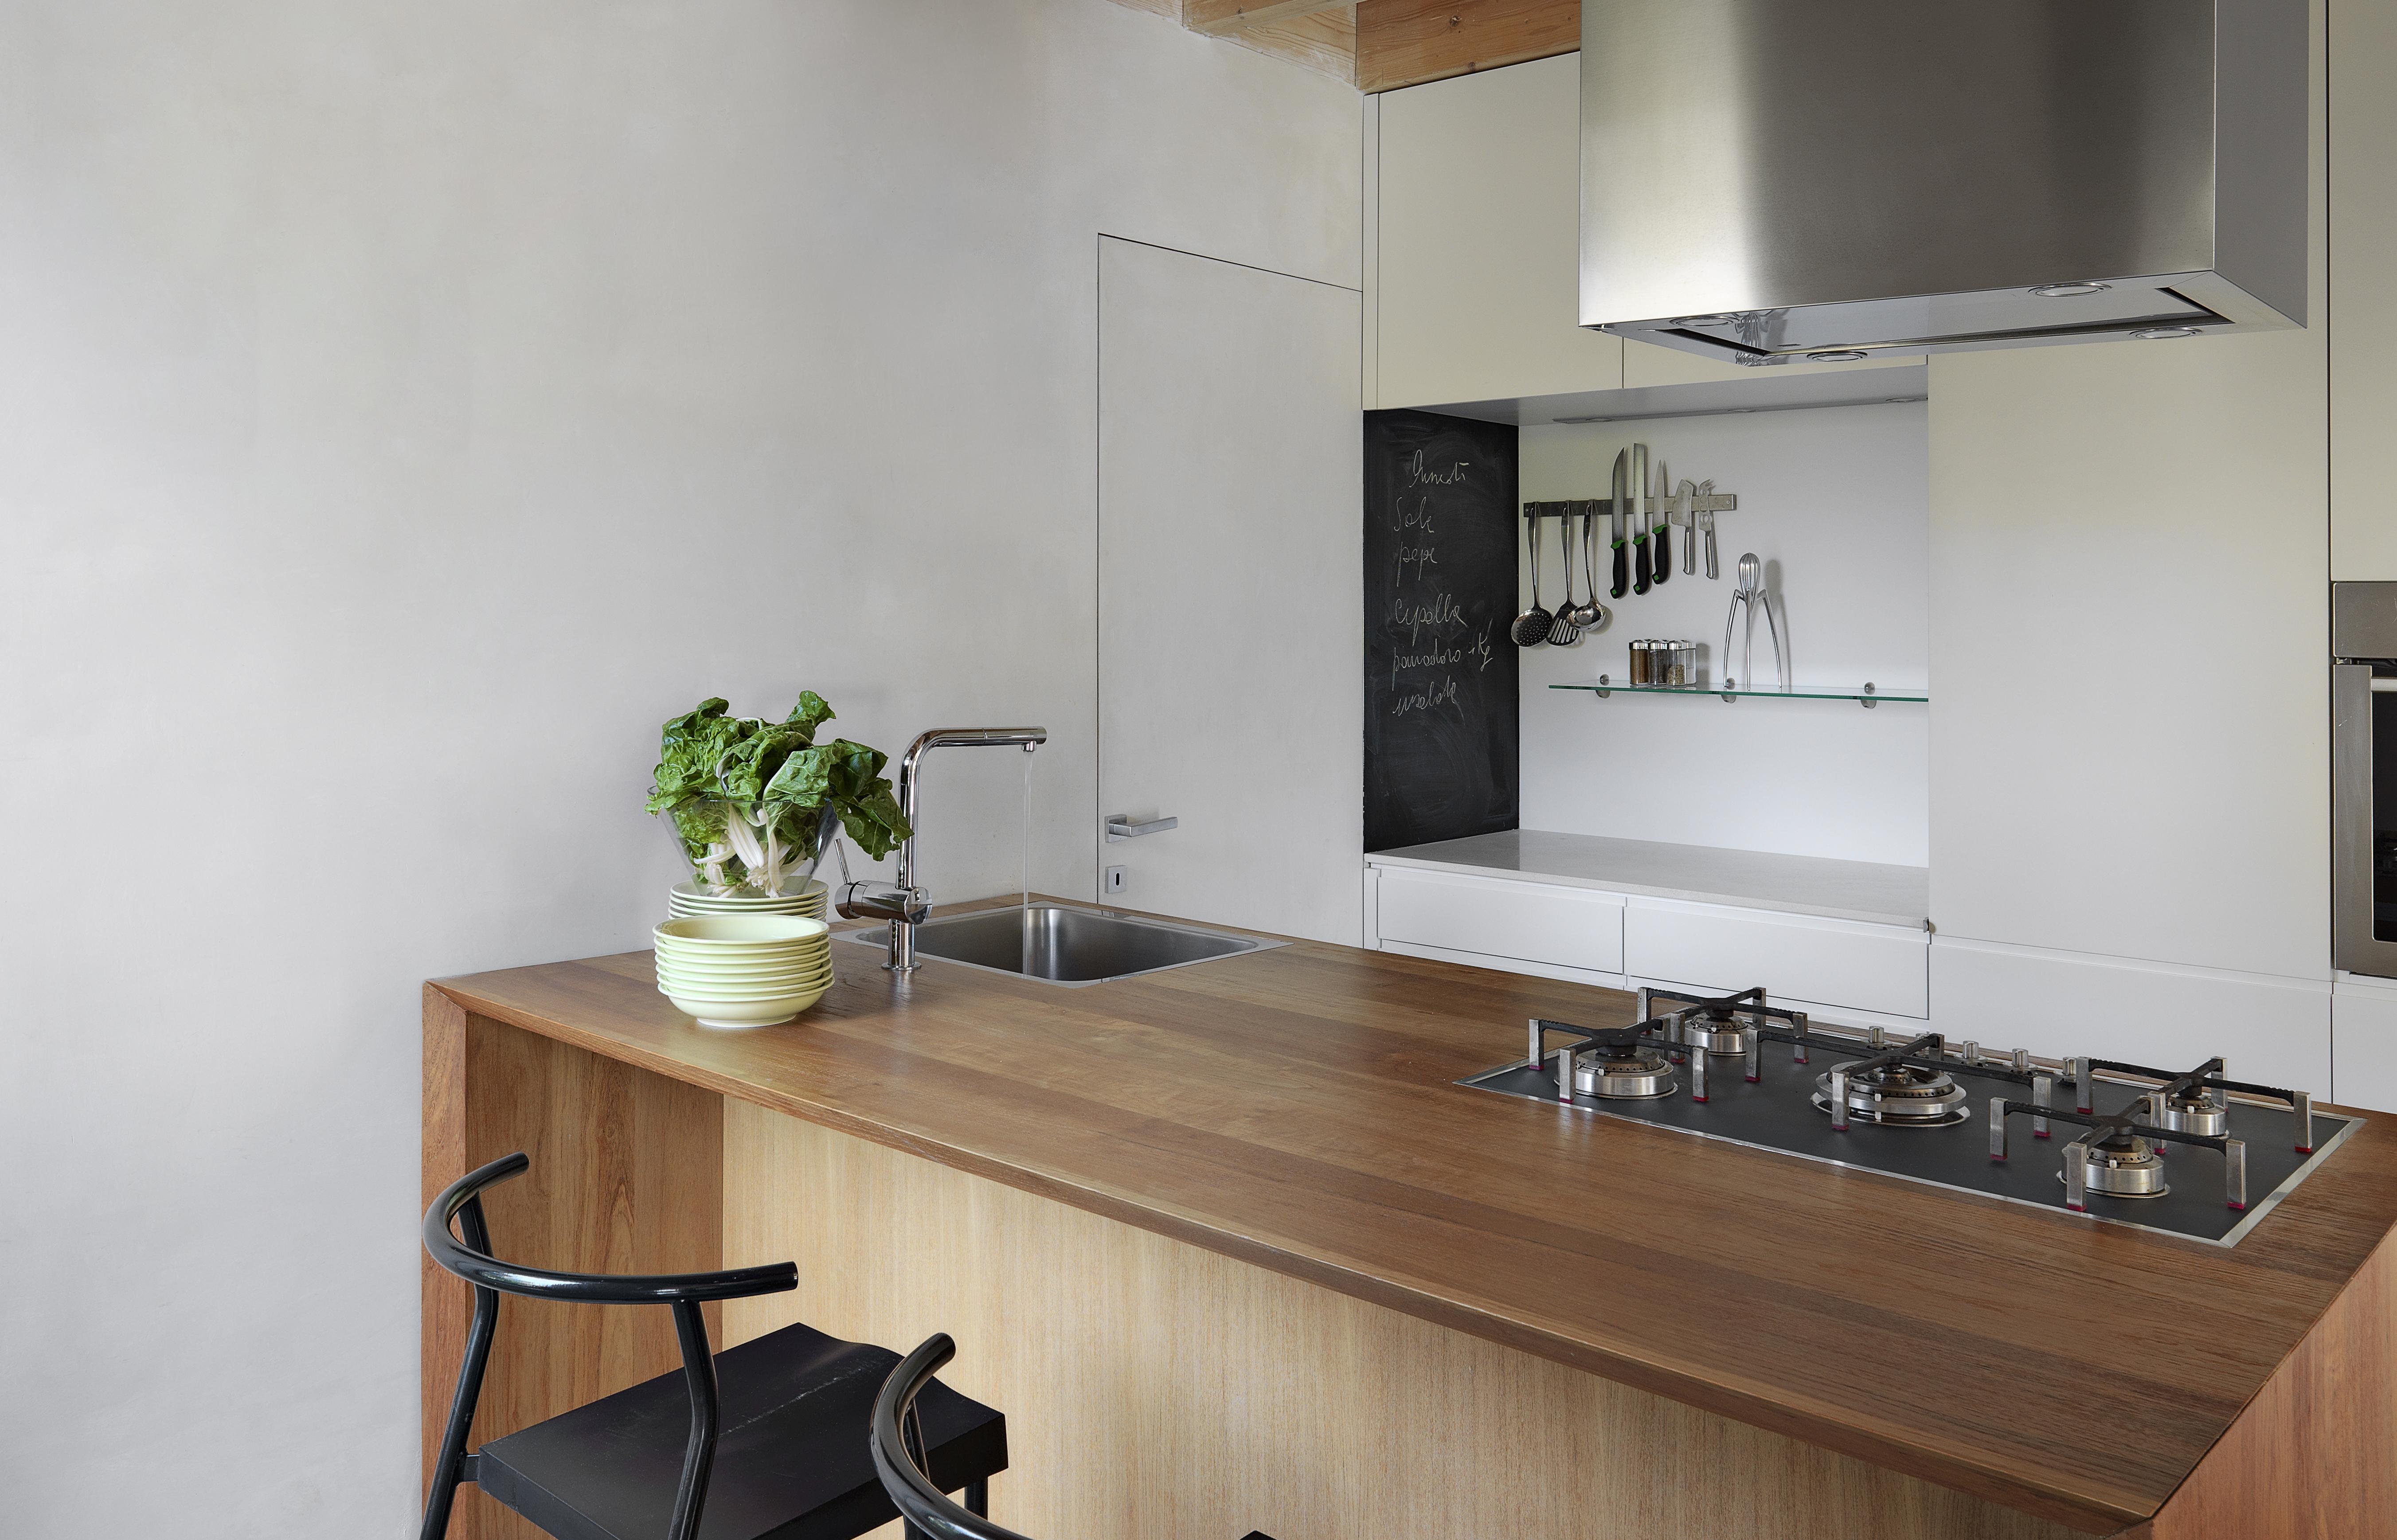 Come Pulire Il Piano Cottura come pulire e sgrassare il piano cottura - soluzioni di casa